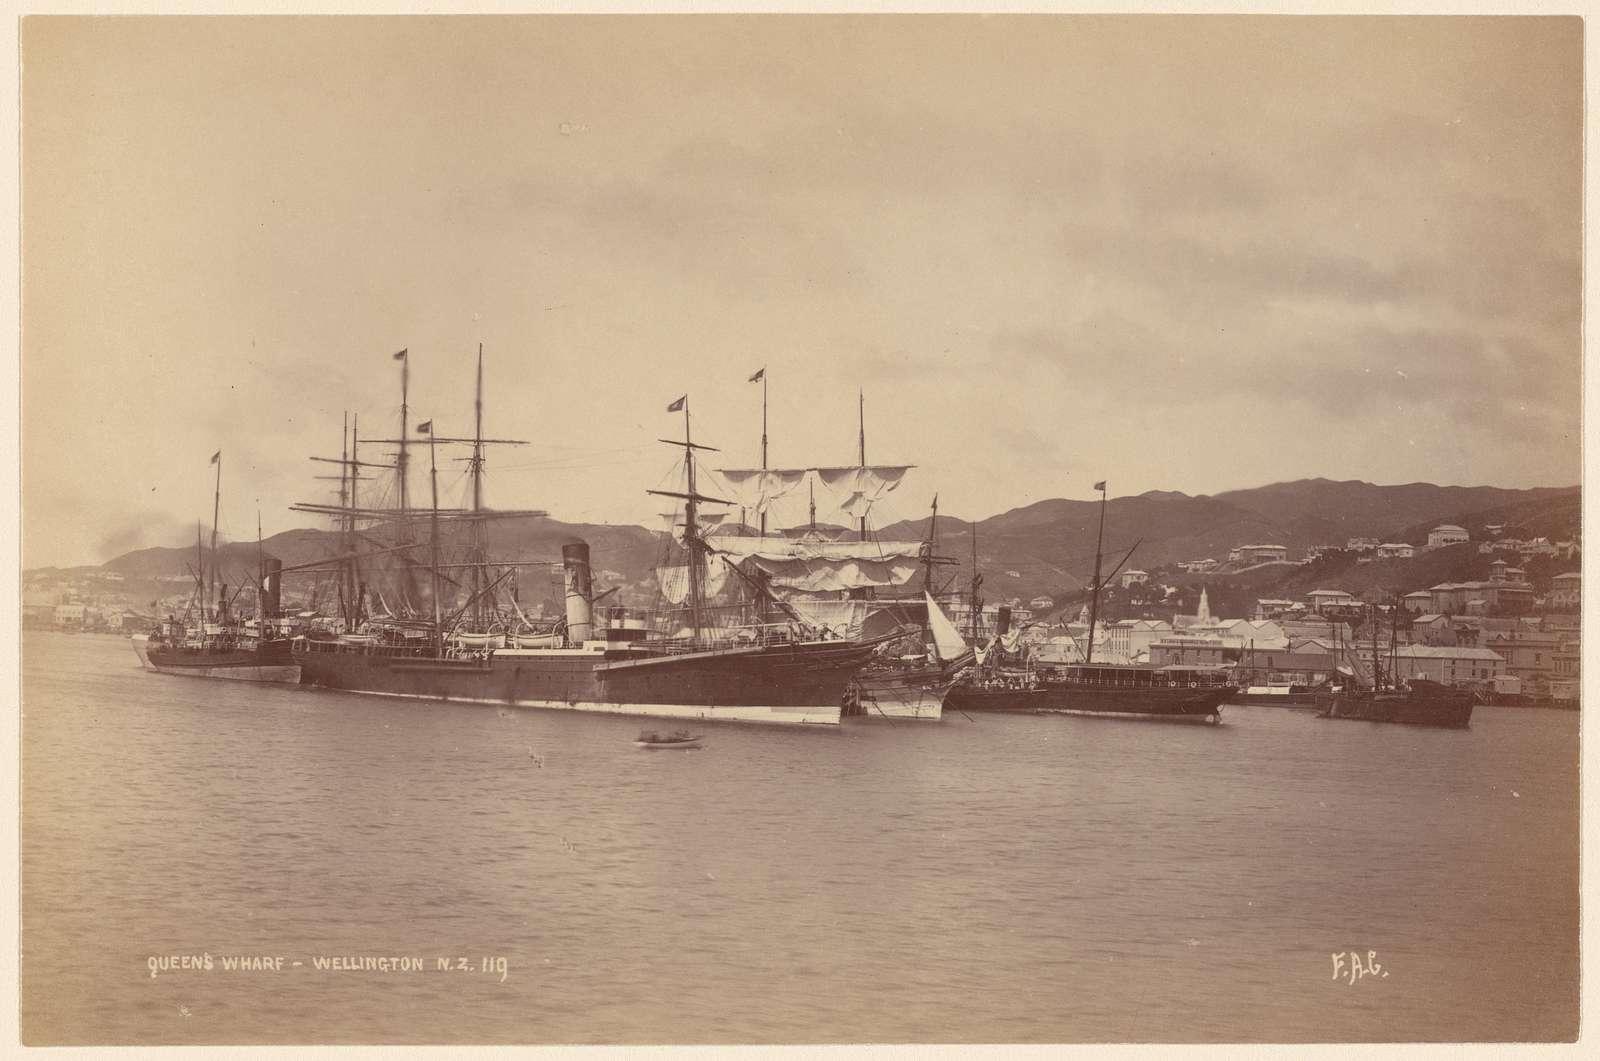 Queen's Wharf. Wellington, N. Z.